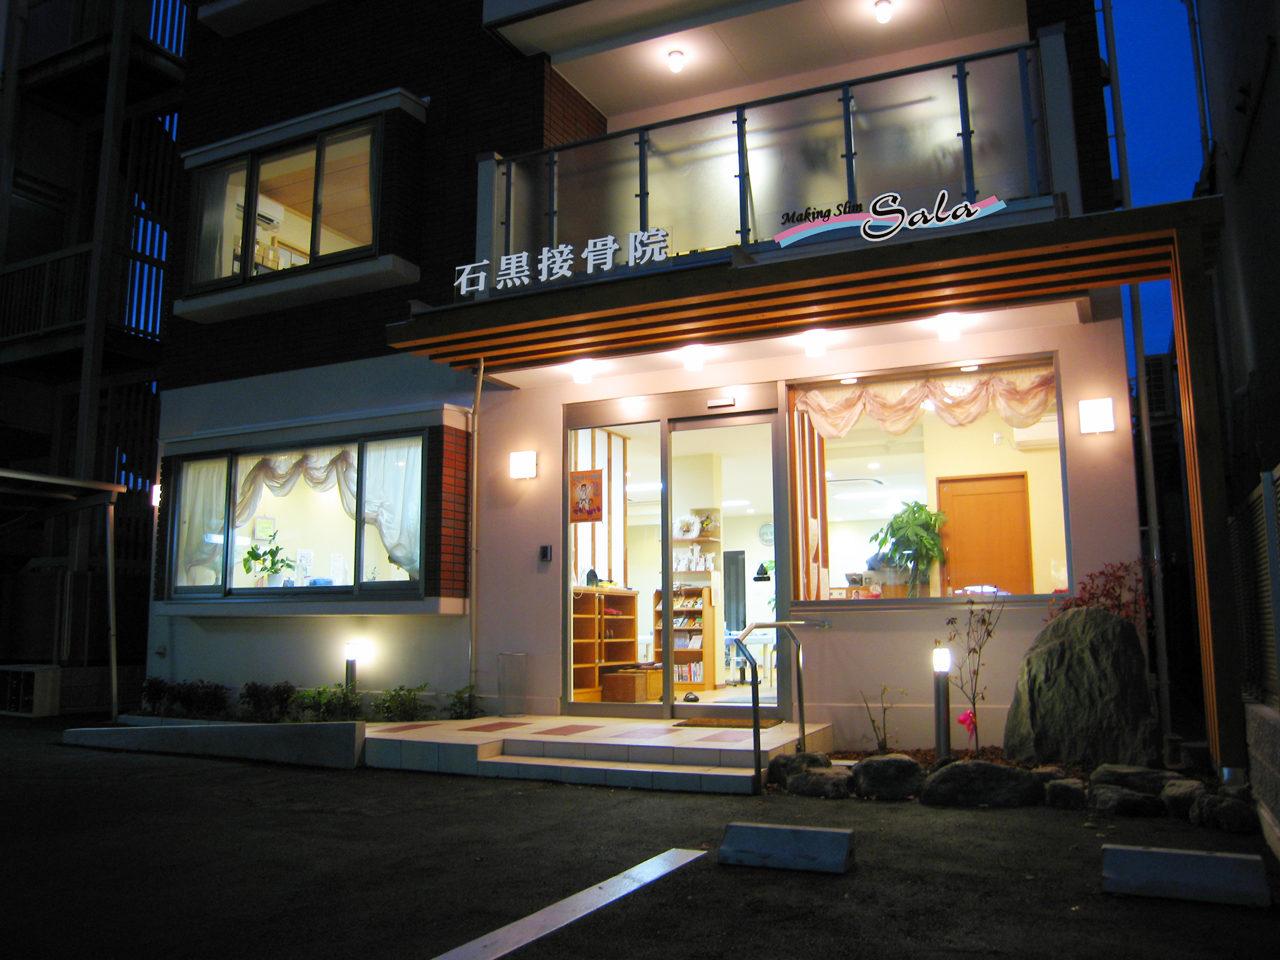 石黒接骨院&エステサロン(店舗併用ホームエレベーター付き二世帯住宅)の新築設計・デザイン